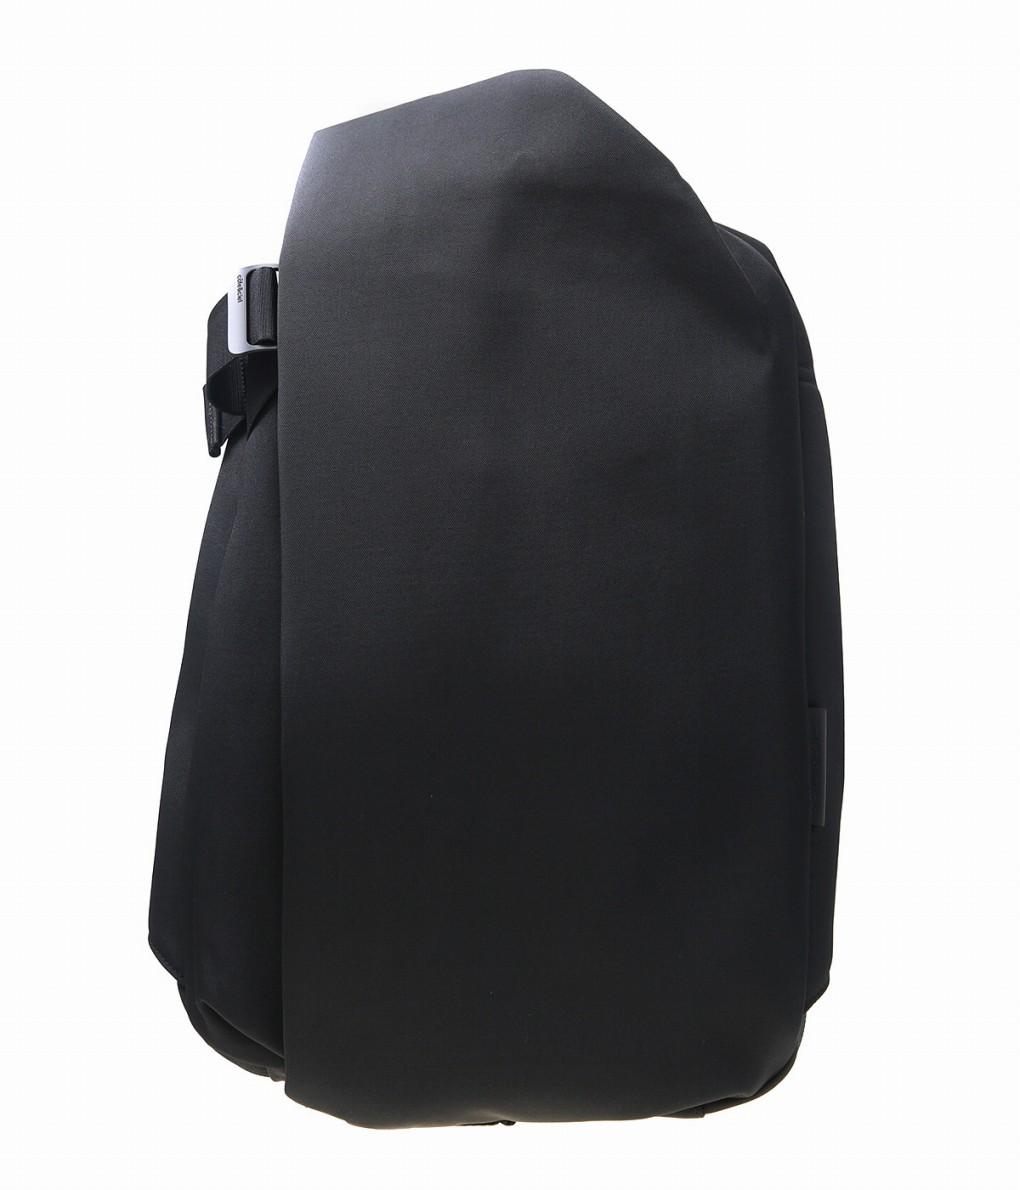 【国内正規品】cote&ciel / コートエシエル : Isar Rucksack M (Eco Yarn / BLACK / Laptops up to 13inch) : Cote et Ciel バックパック リュック デイパック バック カバン メンズ : cc-27710【WAX】